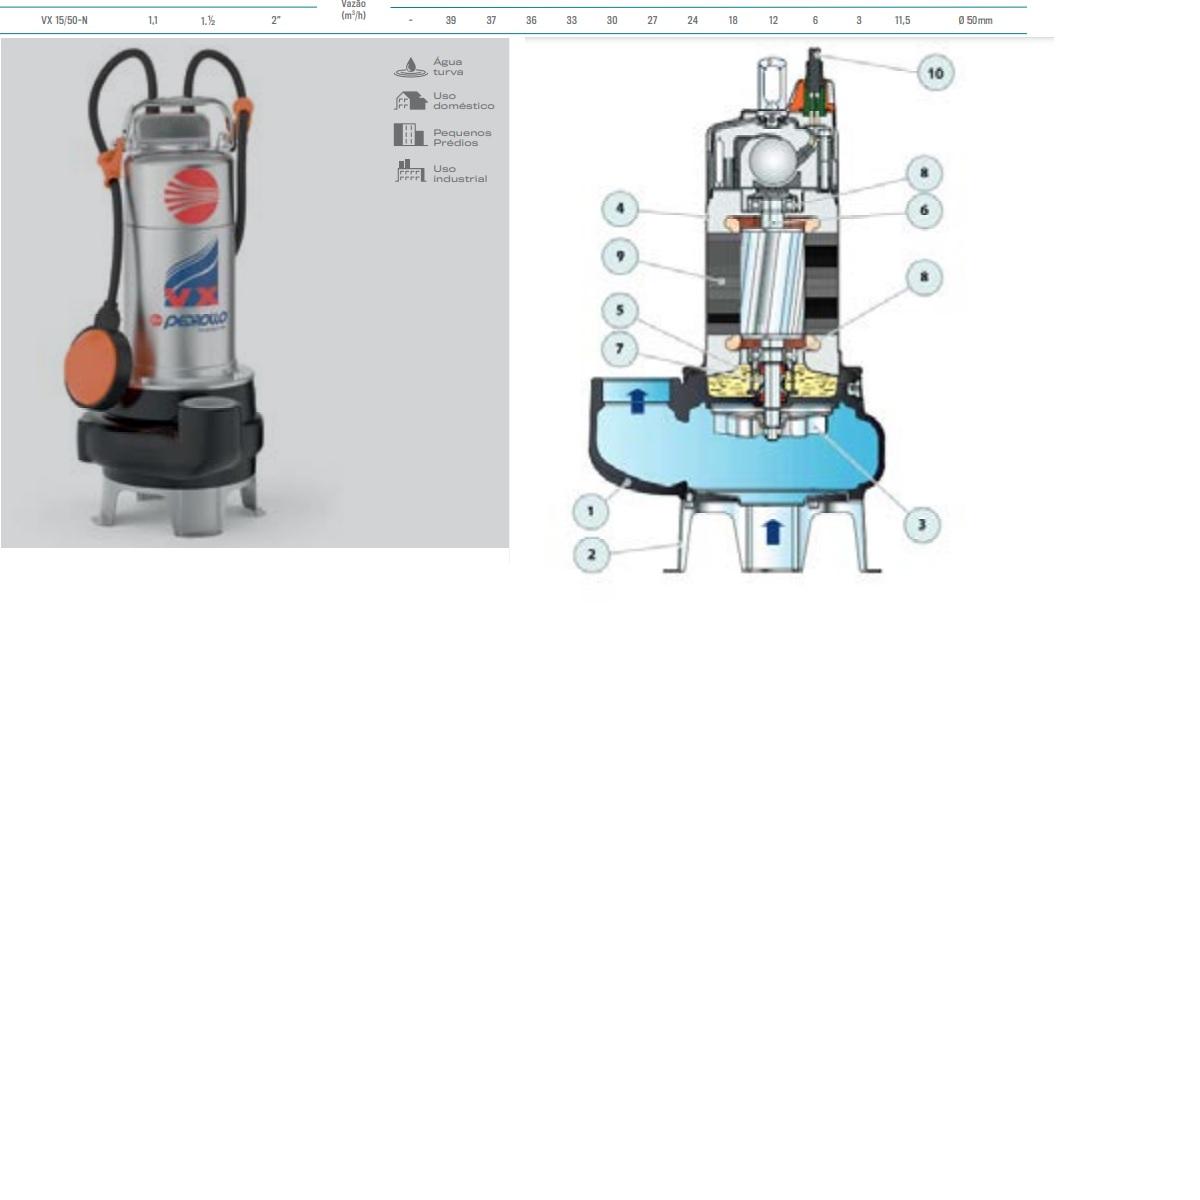 Motobomba Submersível Água Turva Sólidos VX 220V 1,5 cv Trifasico 220v Pedrollo